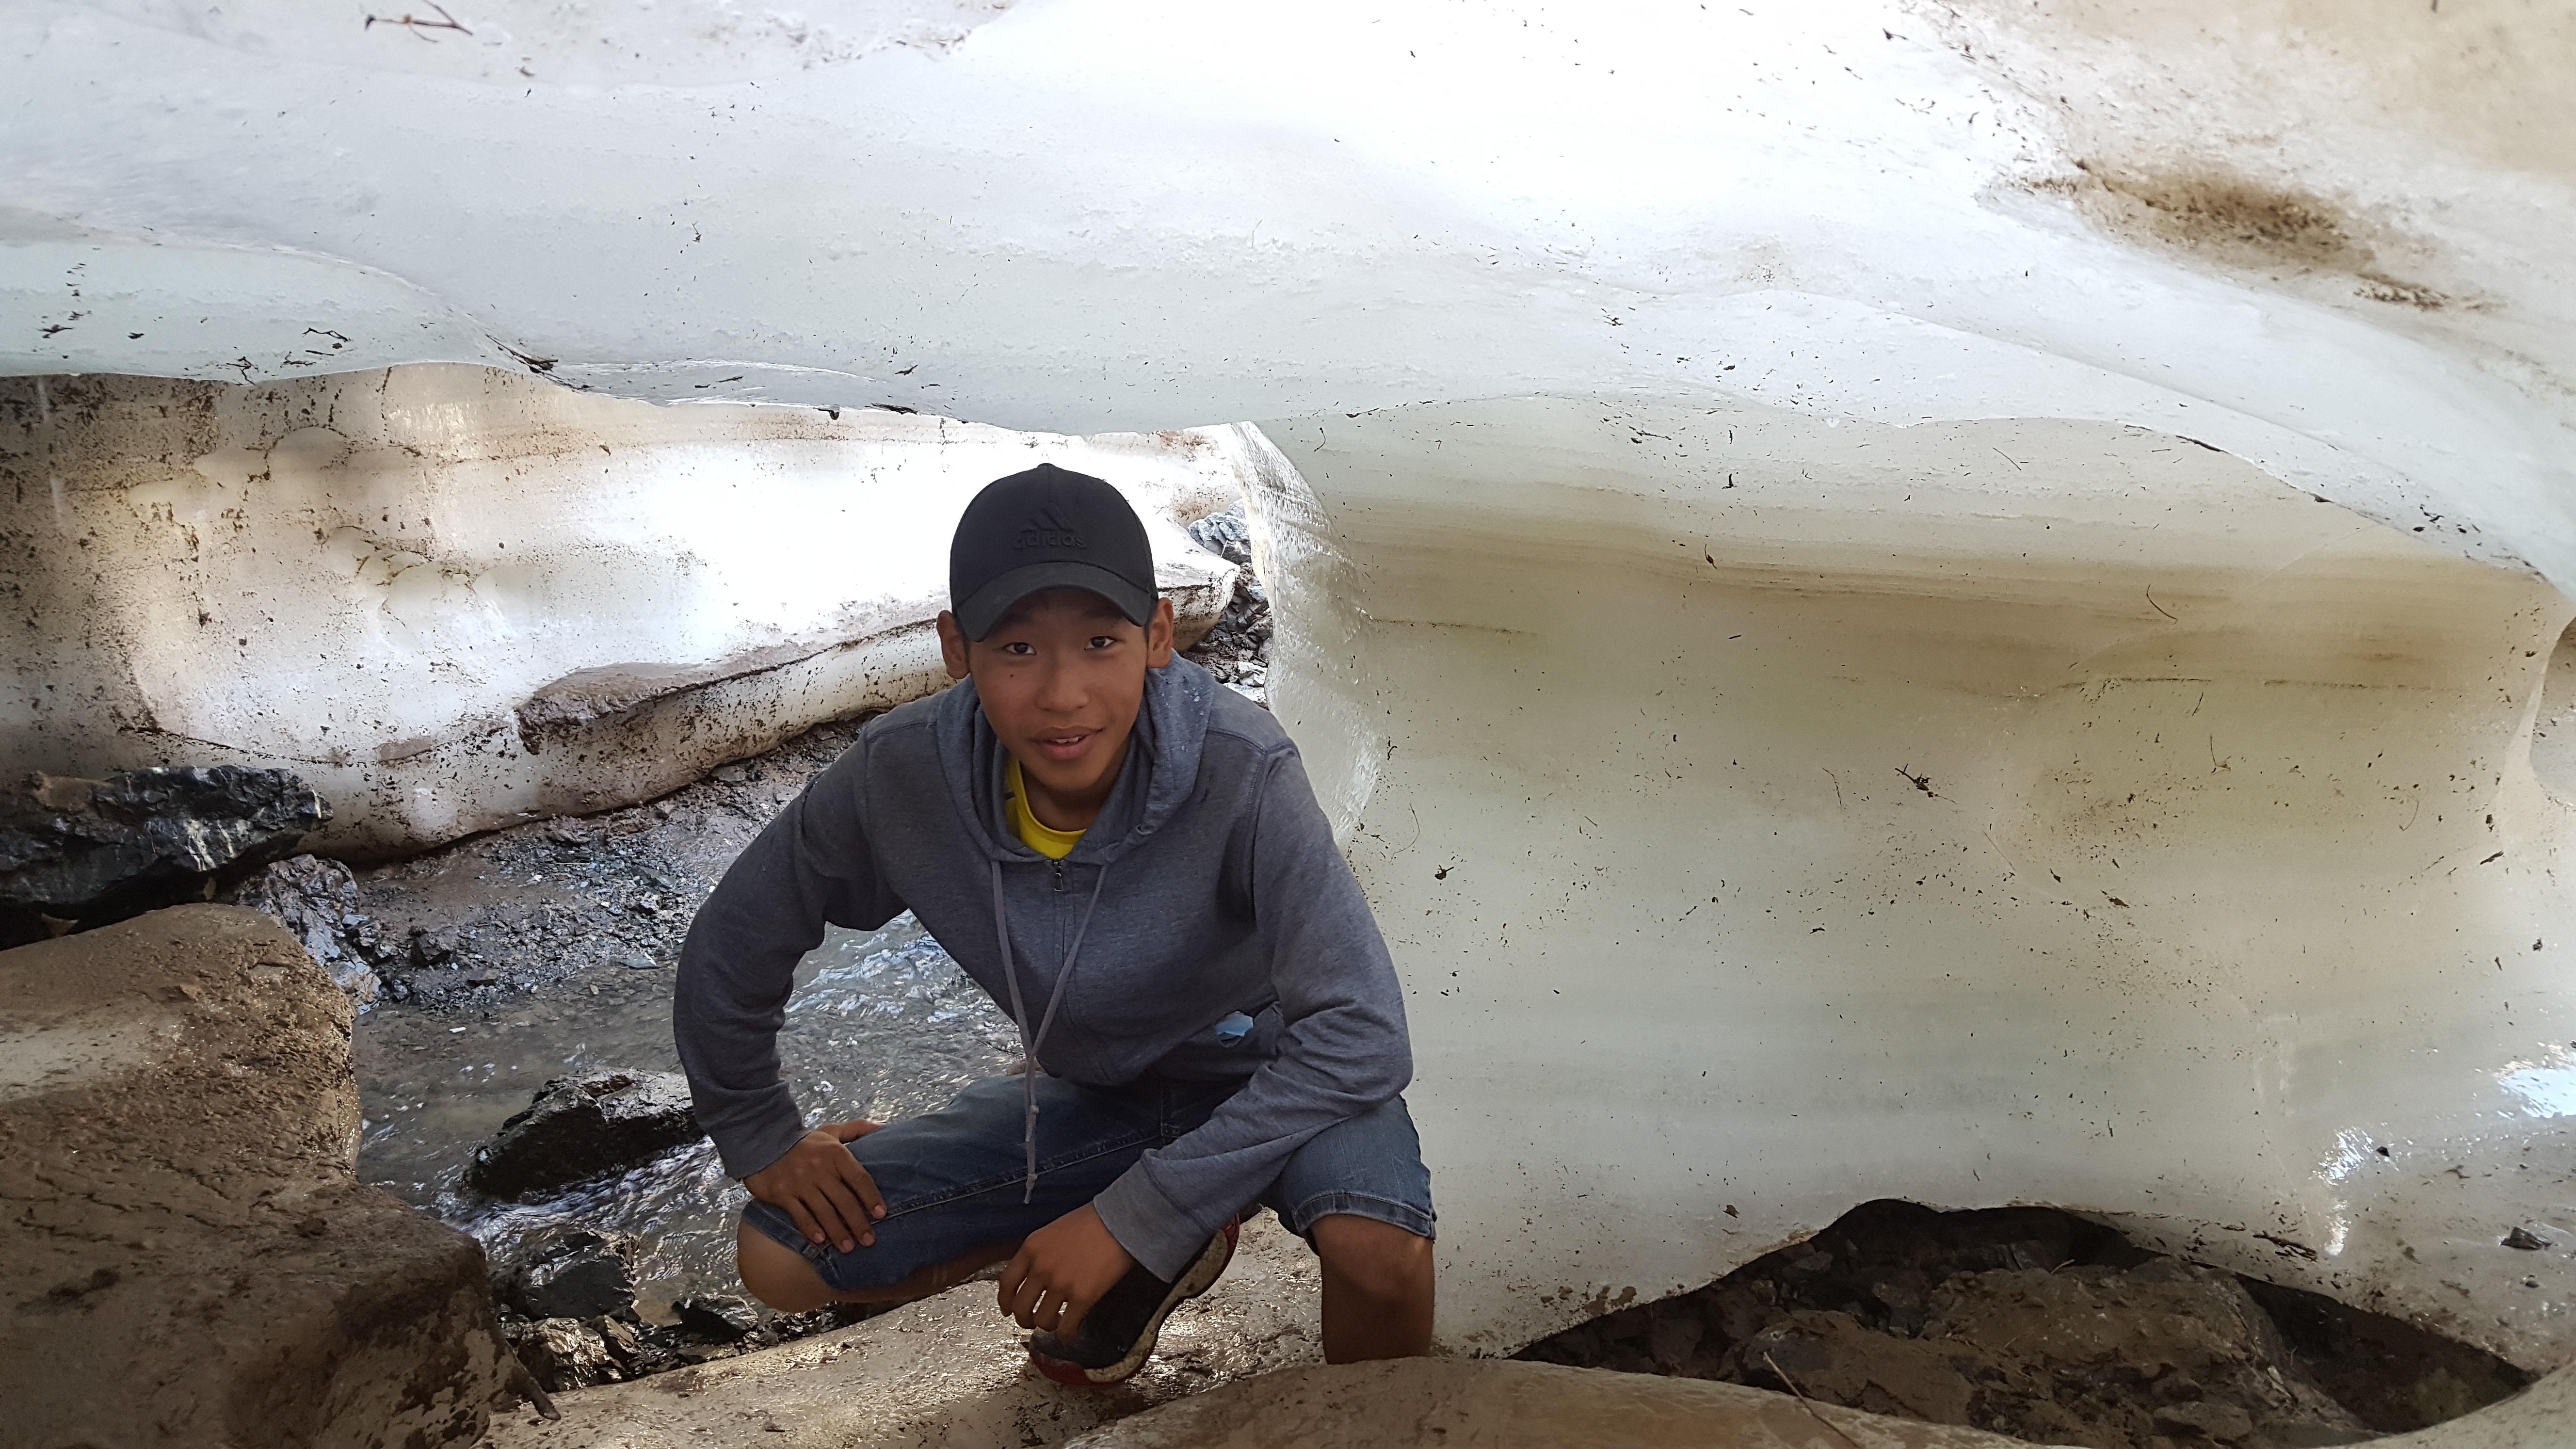 17 настай С.Сансарбаяр 400 мянган төгрөгөөр  21 аймгийг  тойрон үүргэвчтэй аялжээ